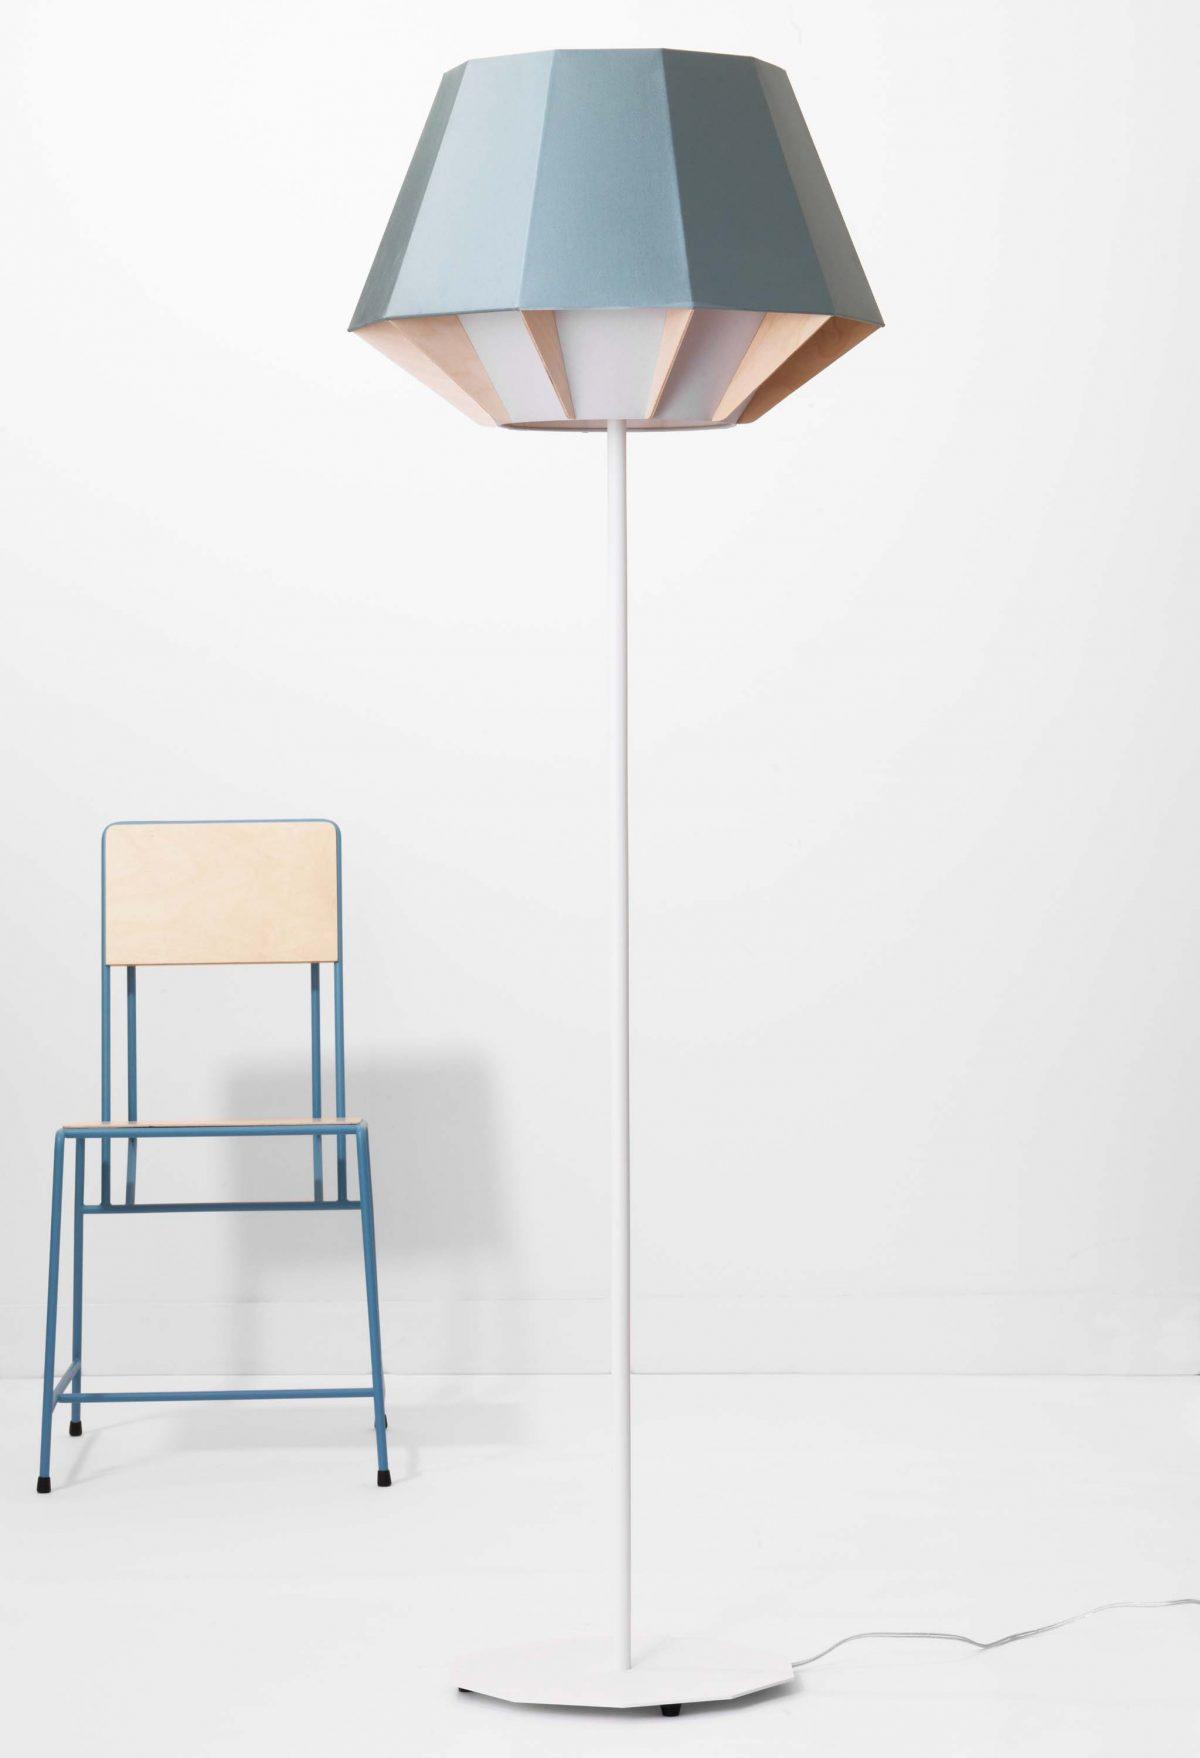 Polar lamp vloerlamp New Duivendrecht ontwerper Dave Keune